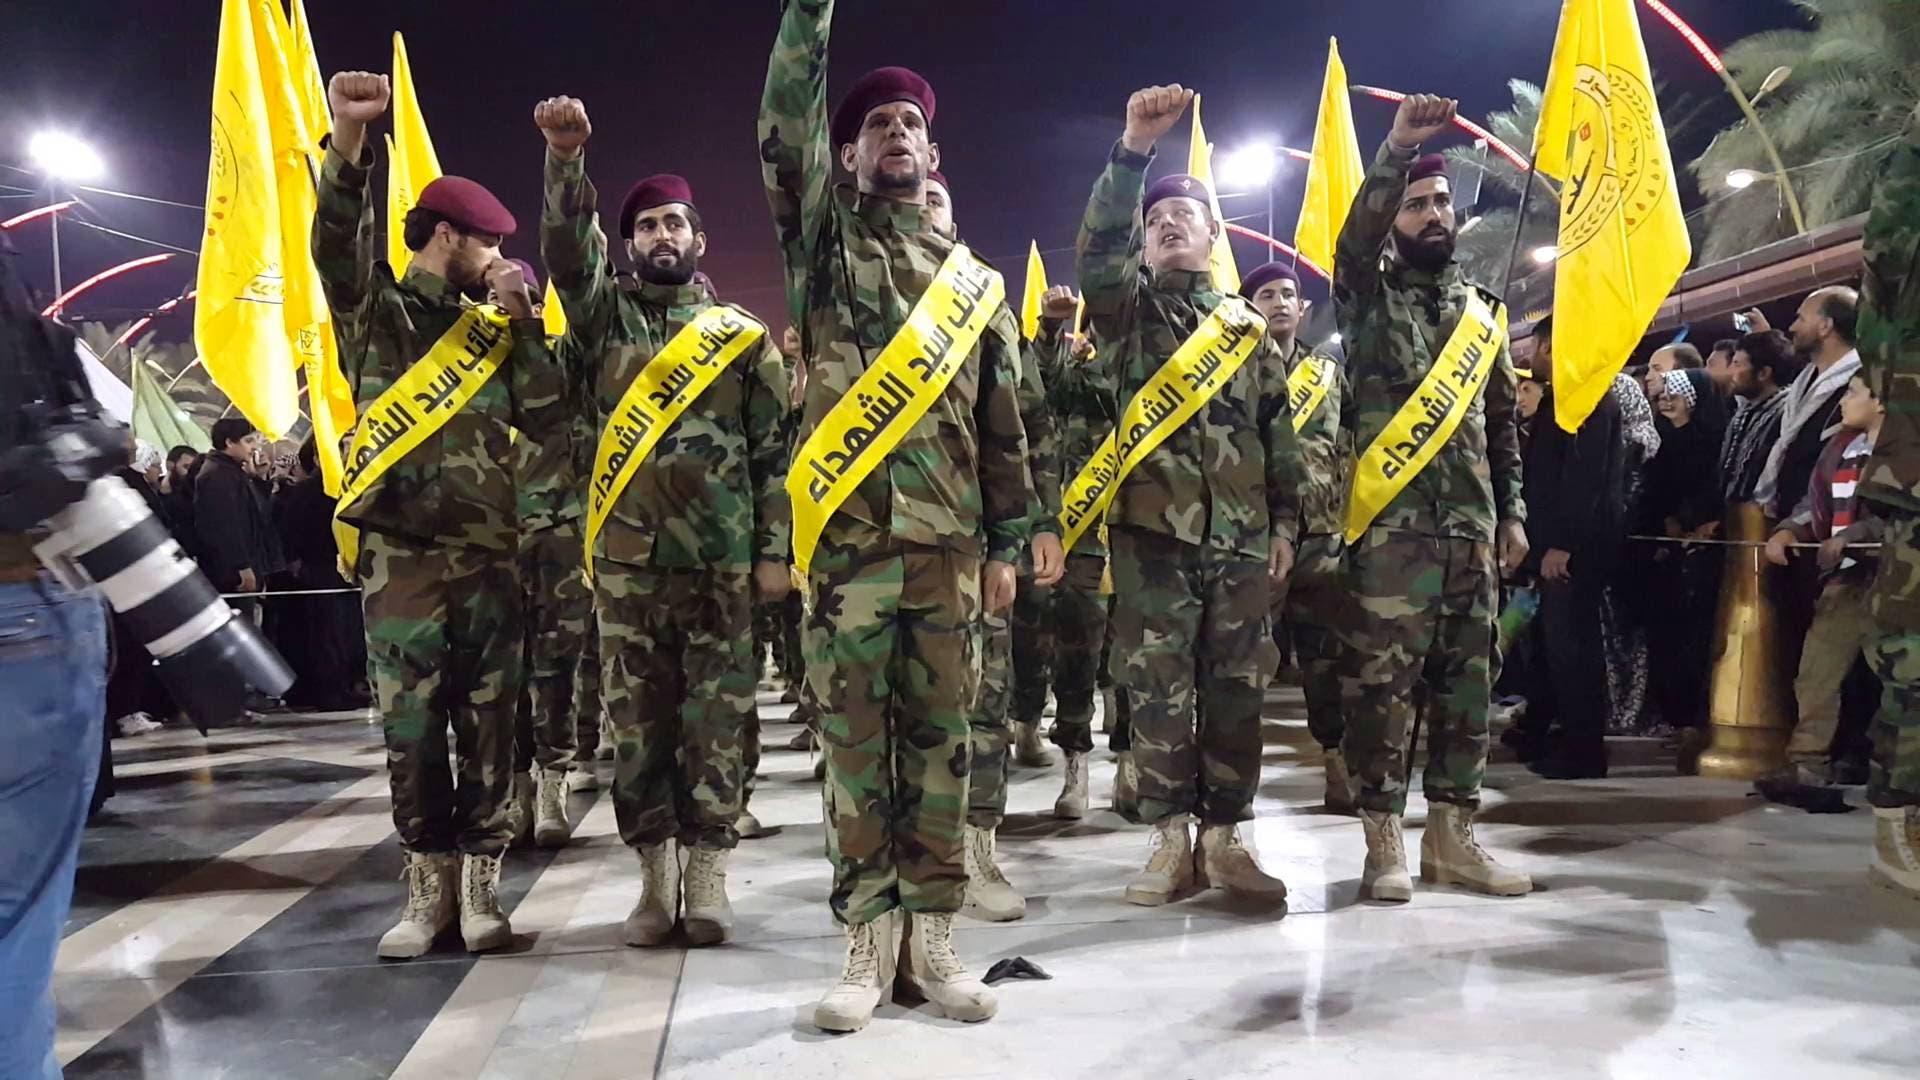 من ميليشيا سيد الشهداء العراقية